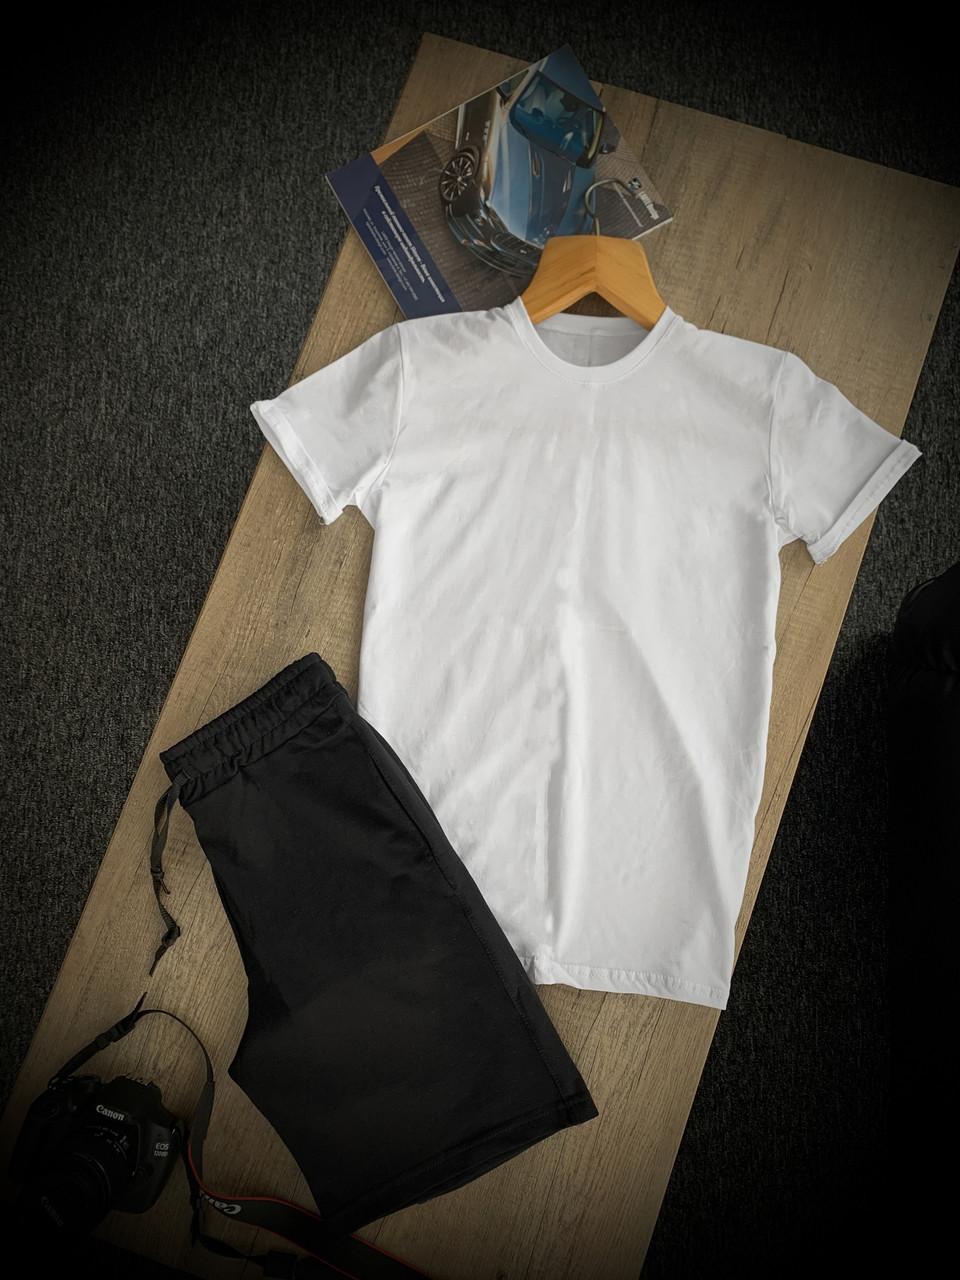 Комплект футболка біла, шорти чоловічі чорні CROSSGO   Костюм літній ЛЮКС якості